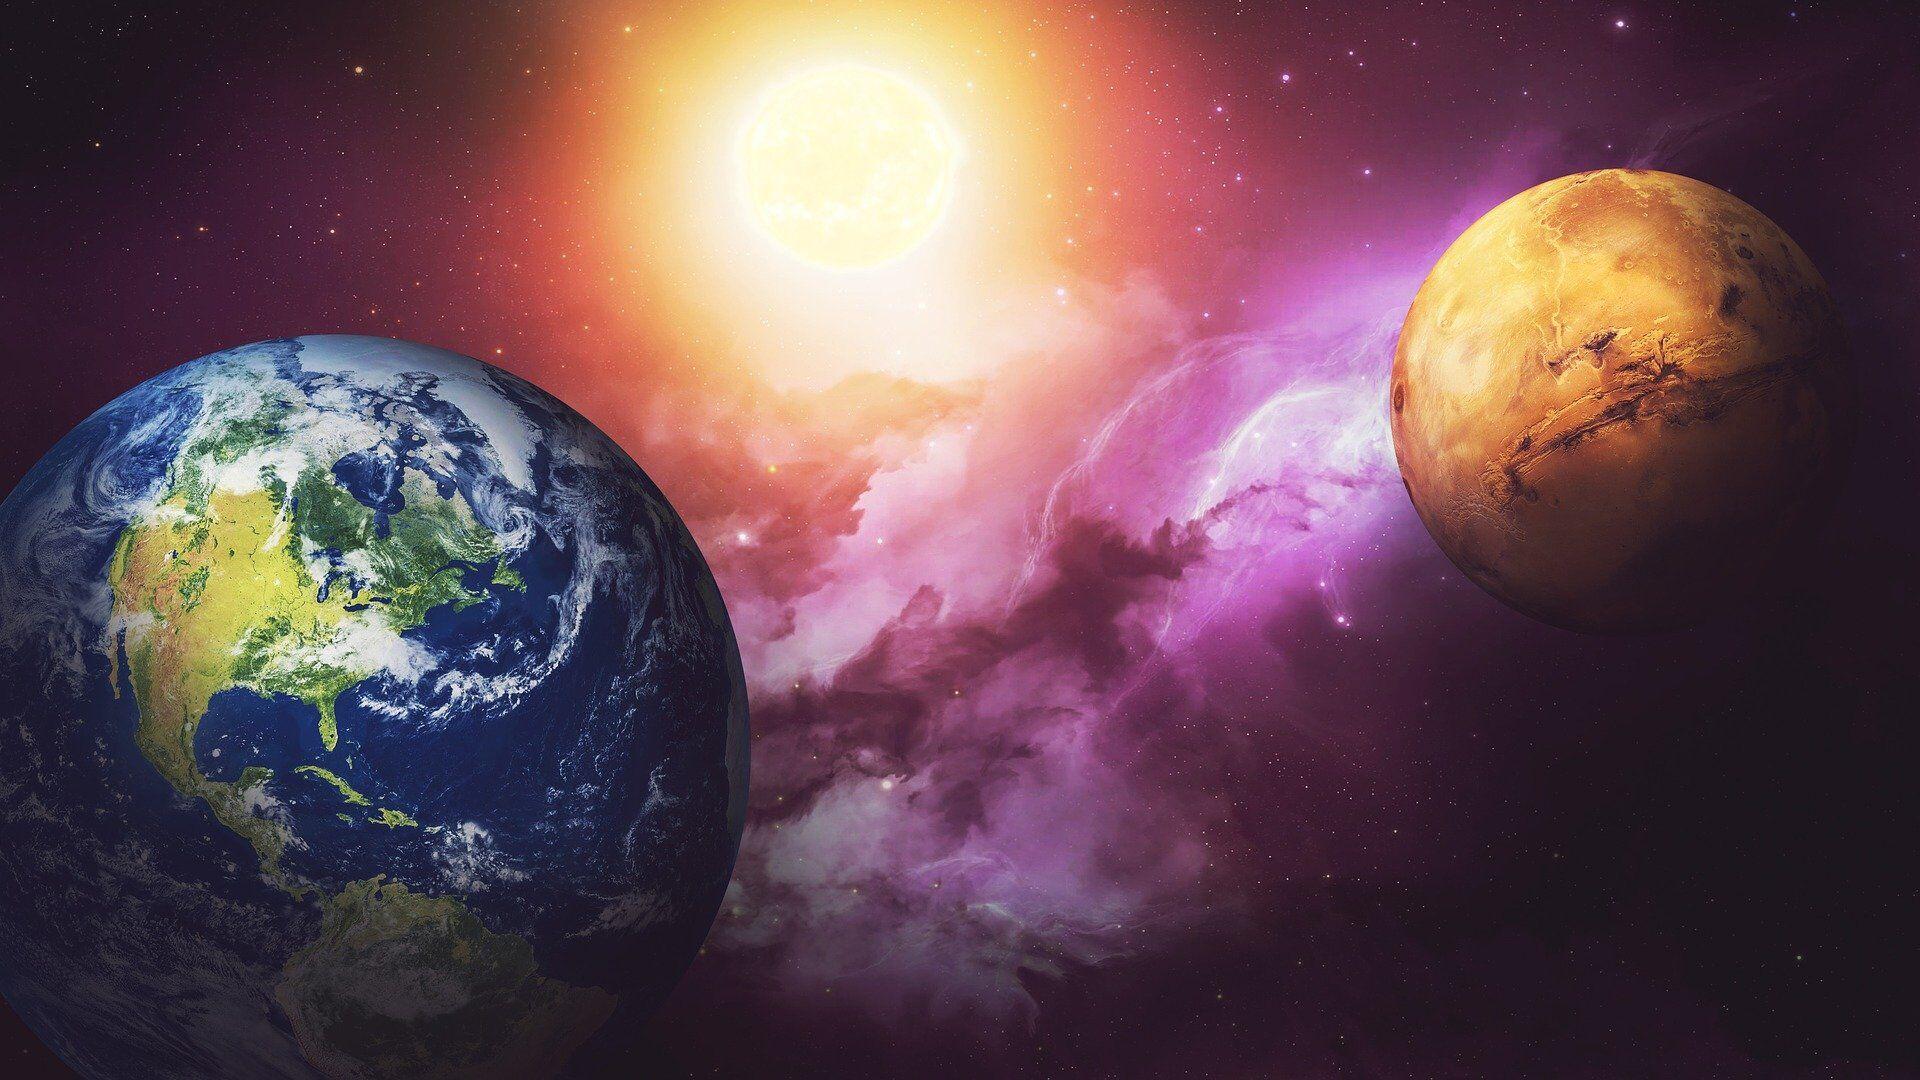 La Tierra y Marte - Sputnik Mundo, 1920, 18.07.2021